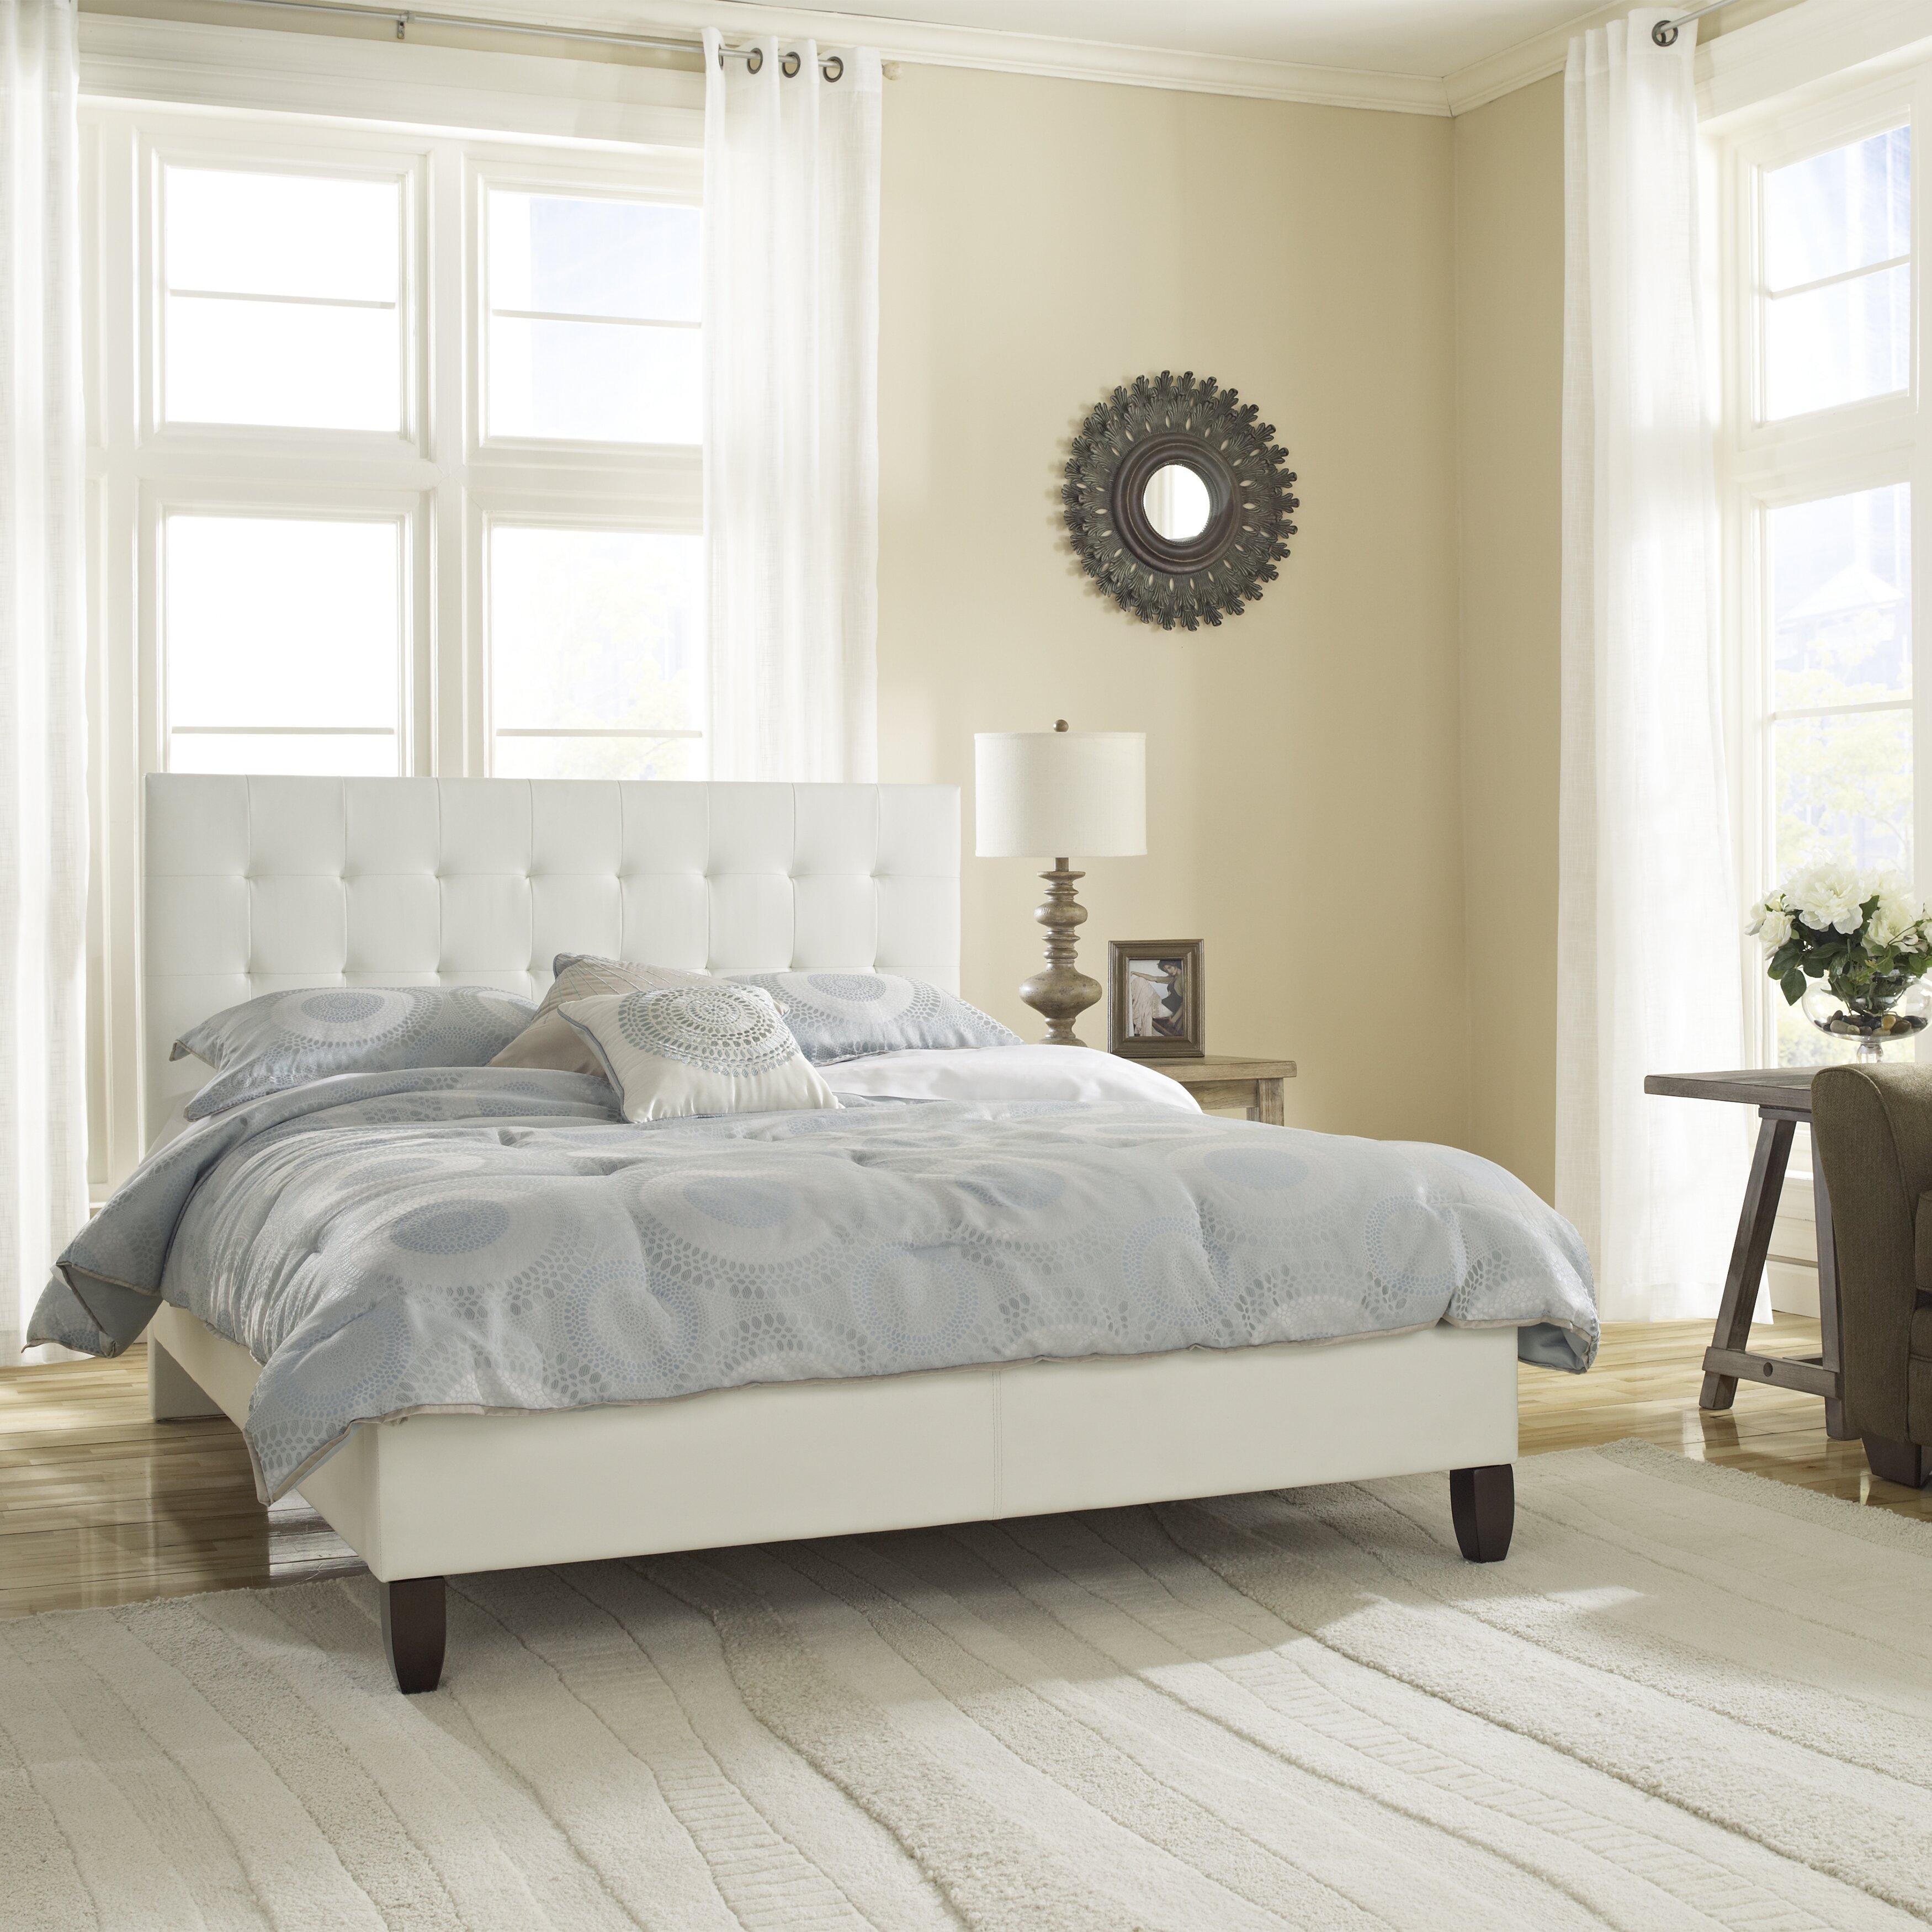 Varick Gallery Cortez Upholstered Storage Platform Bed